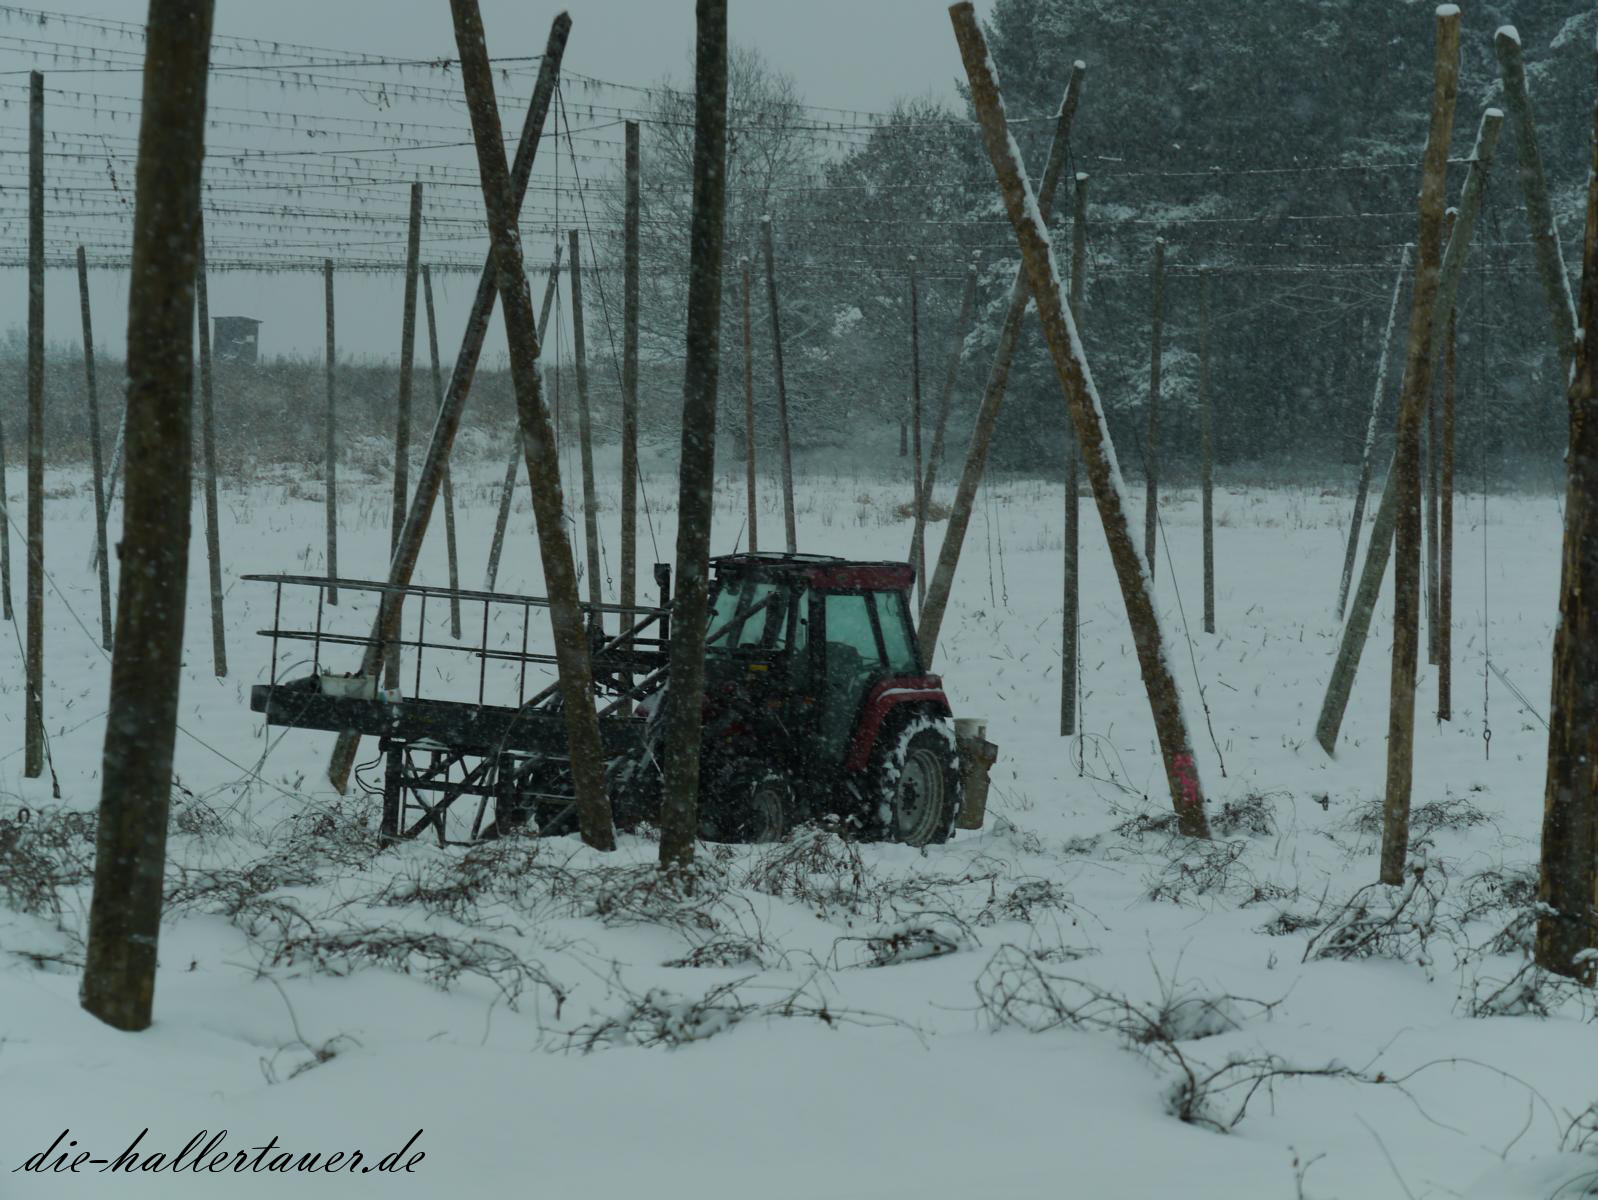 Winter Hopfenbauern